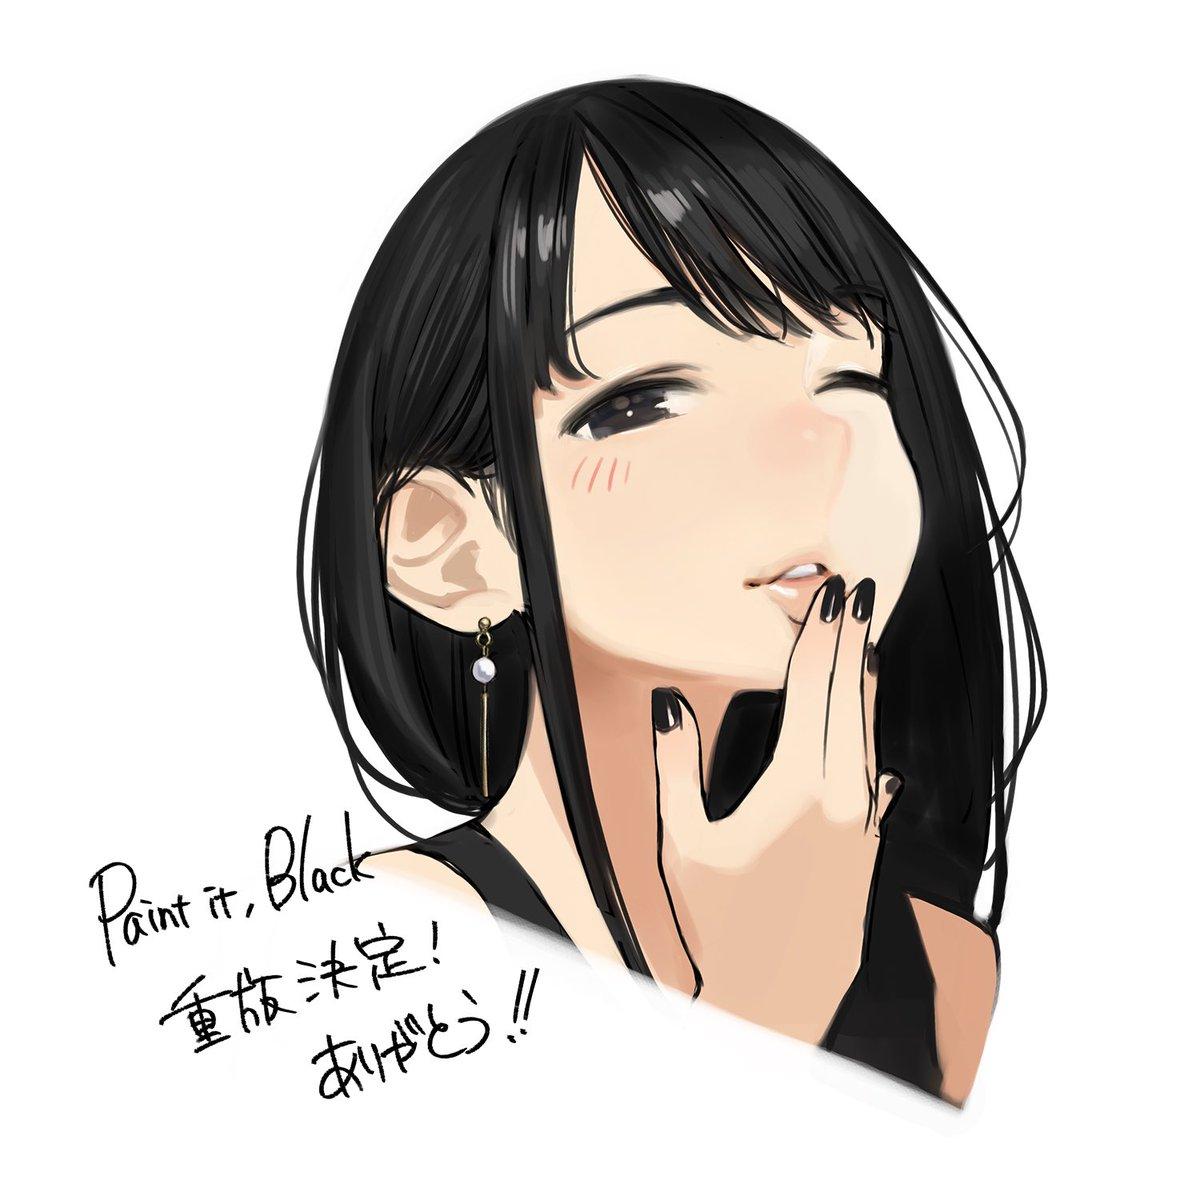 よむ初画集【Paint it, Black】の重版が決定しました!嬉しい!みんな手にとってくれてありがとう!